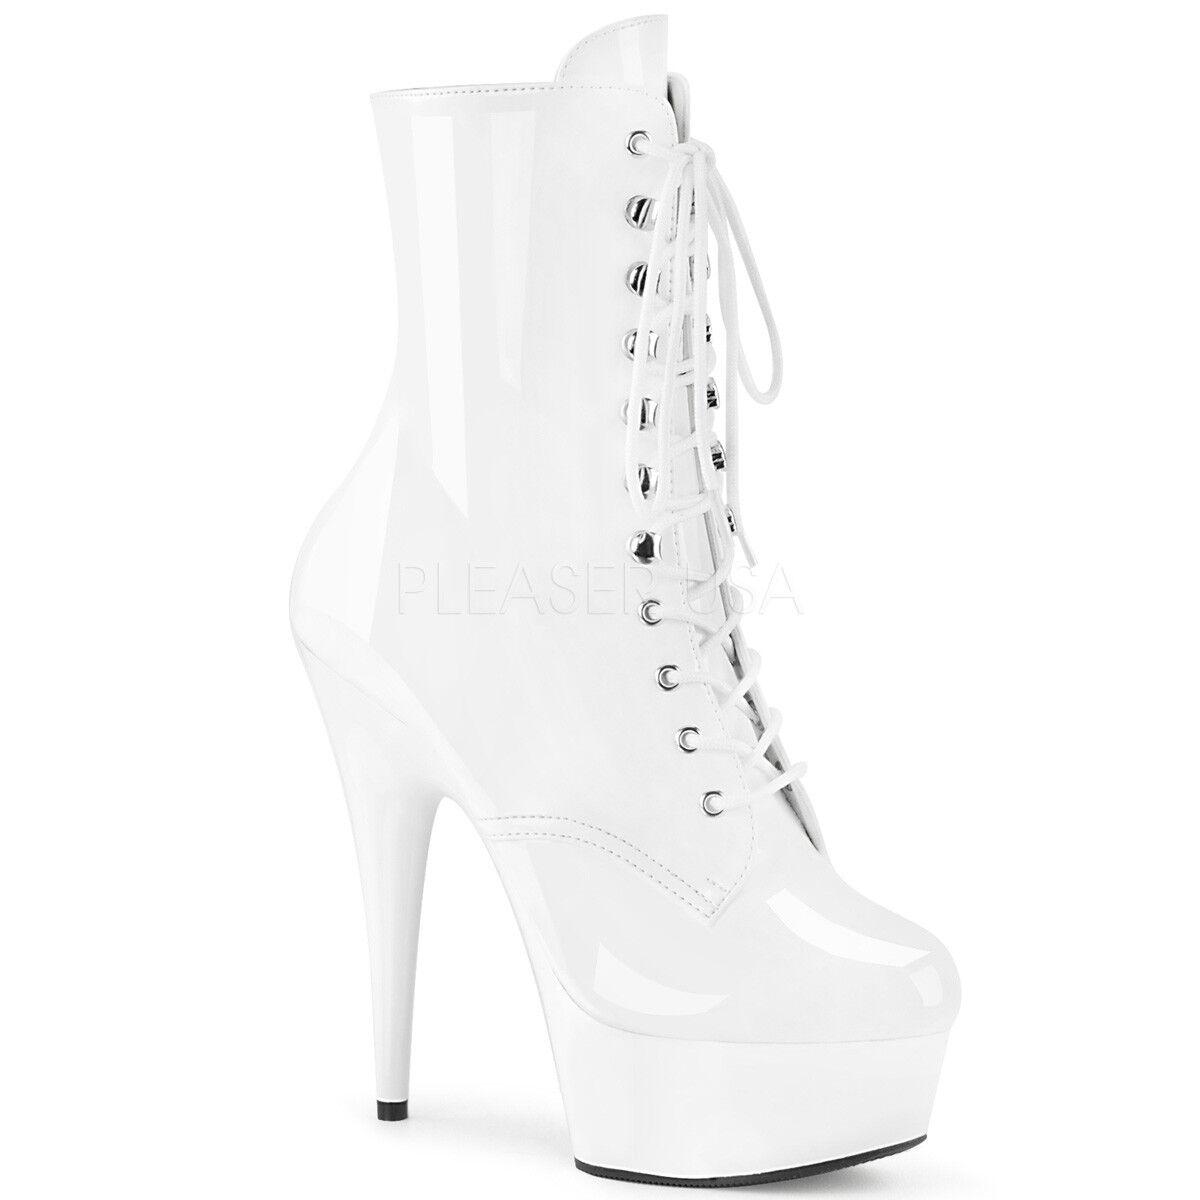 Pleaser Sexy Stripper Bailarina Bailarina Bailarina De Polo De Plataforma Tacones De 6  blancoo para Mujer botas al tobillo  venta de ofertas